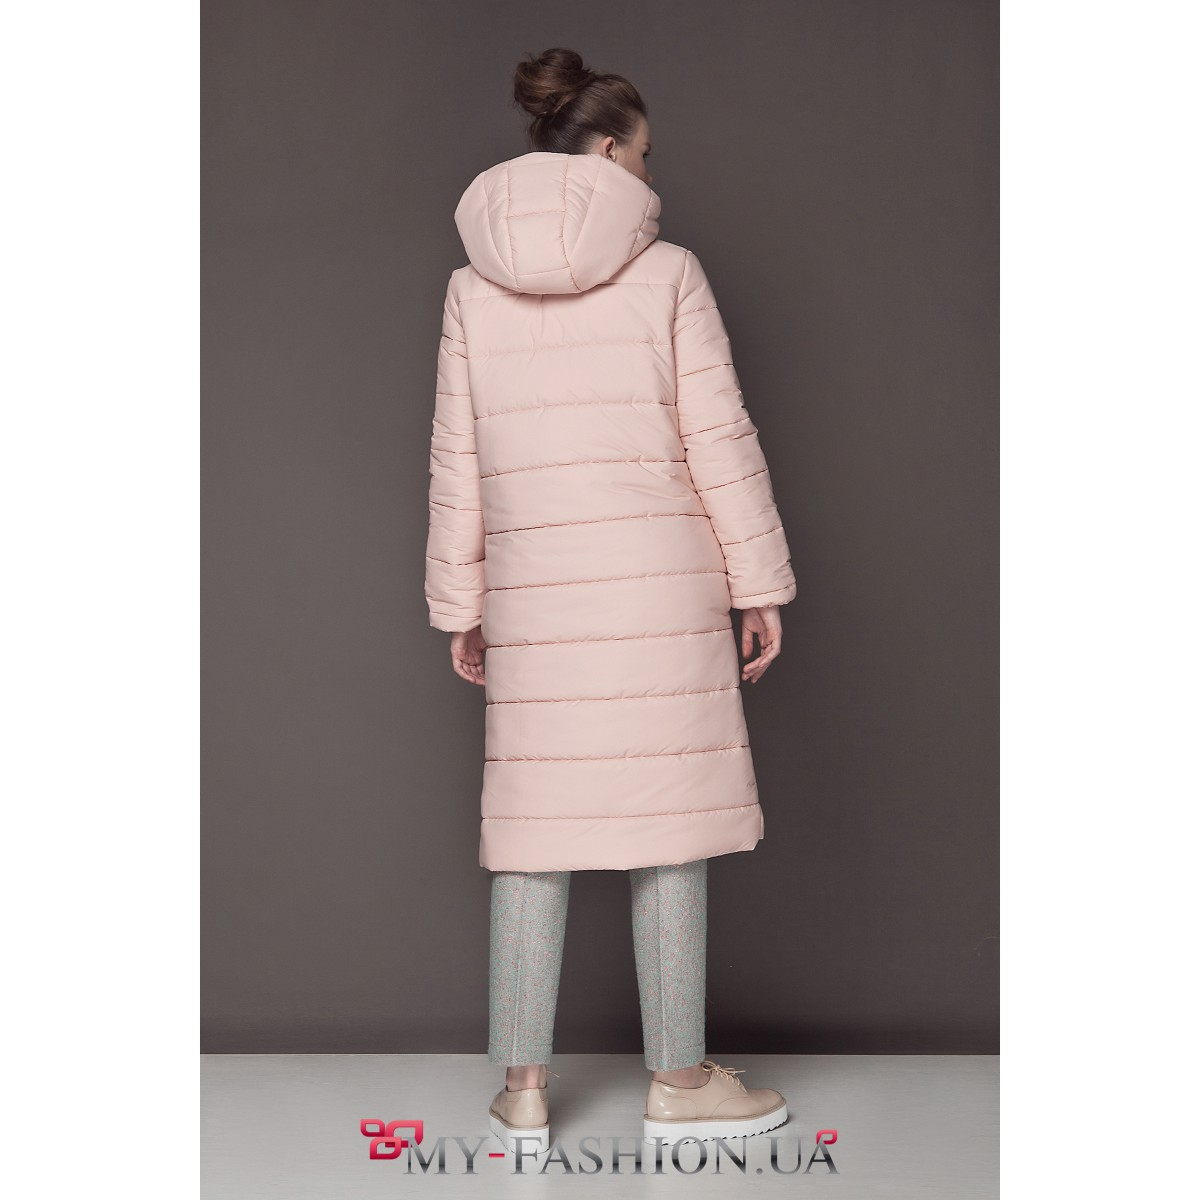 Длинное пальто купить